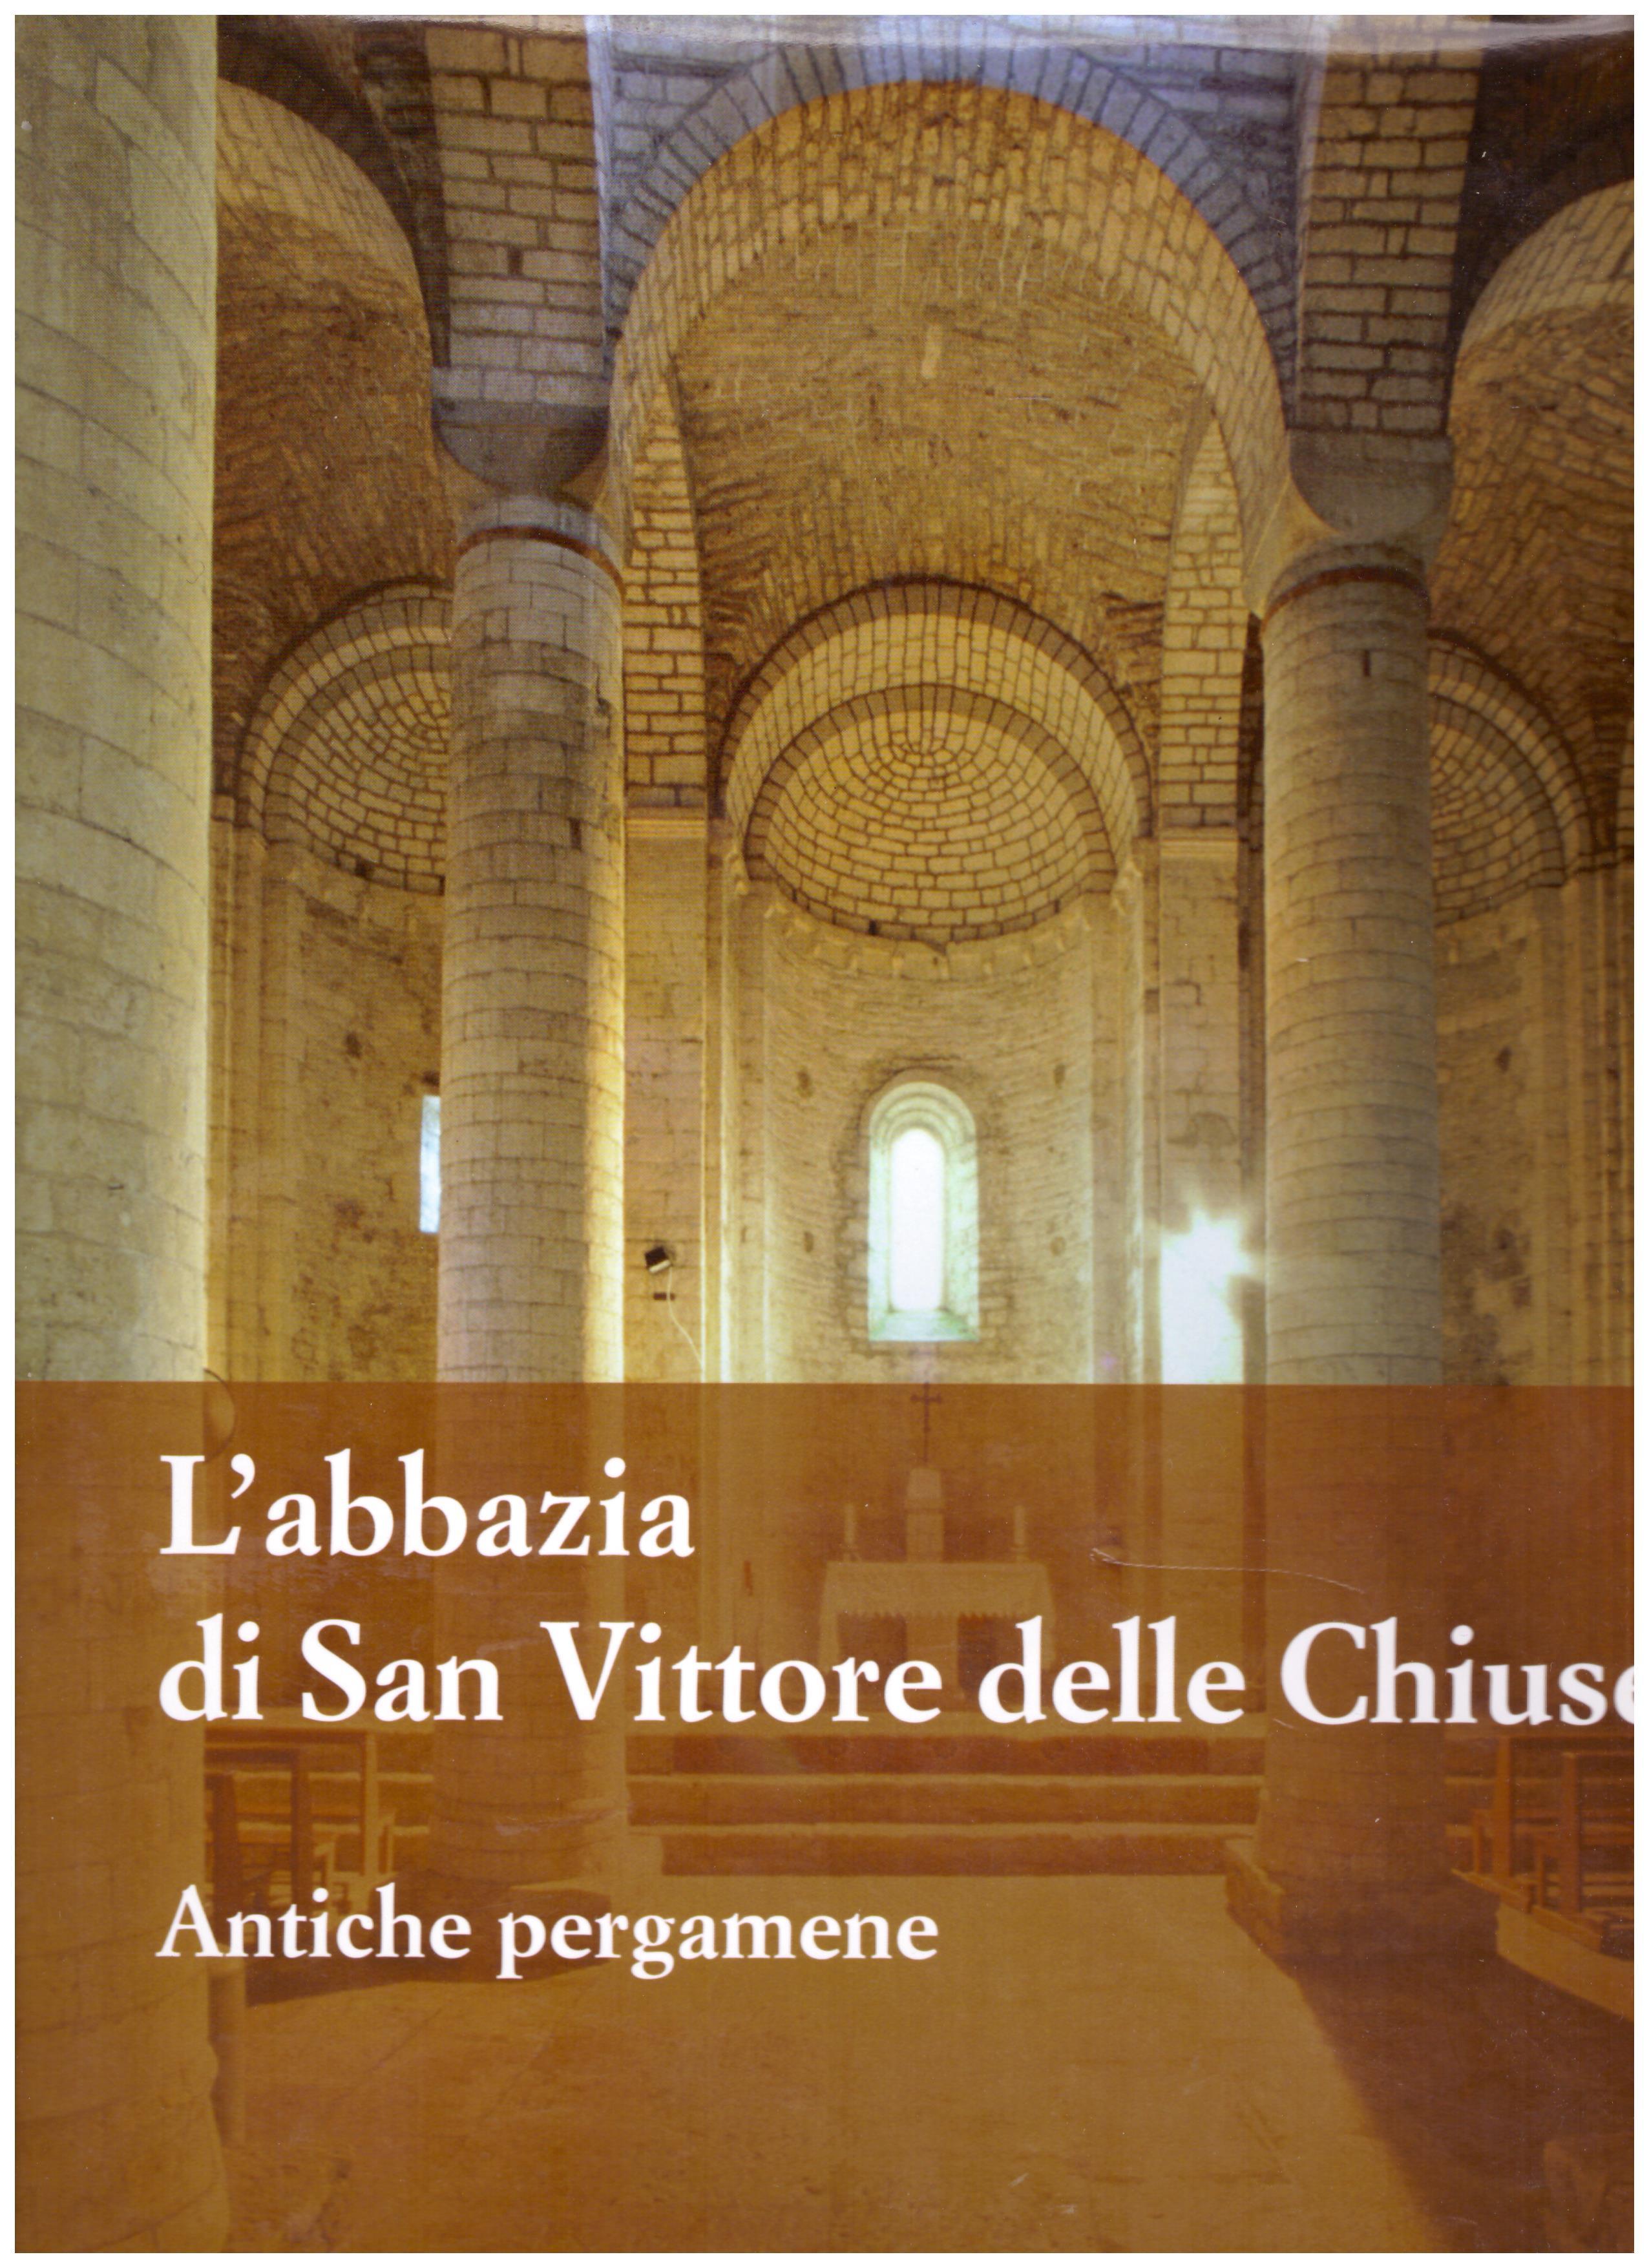 Titolo: L'Abbazia di San Vittore delle Chiuse     Autore: AA.VV.    Editore: Fondazione CR